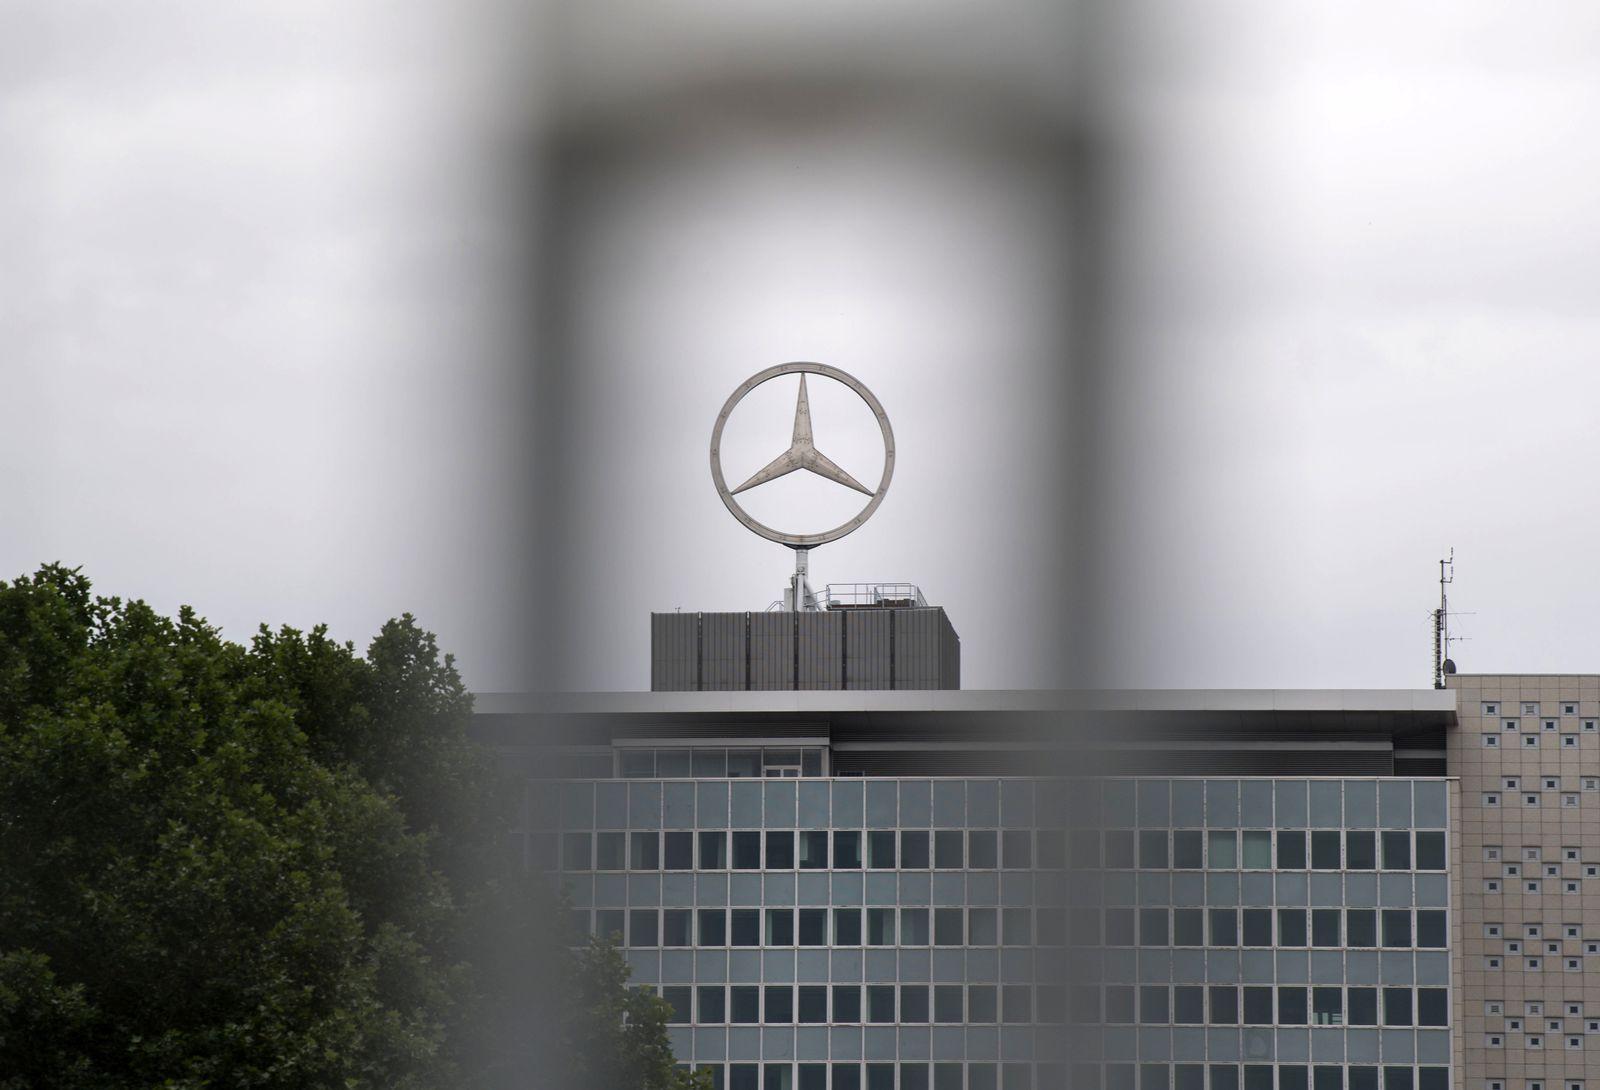 Daimler / Untertürkheim